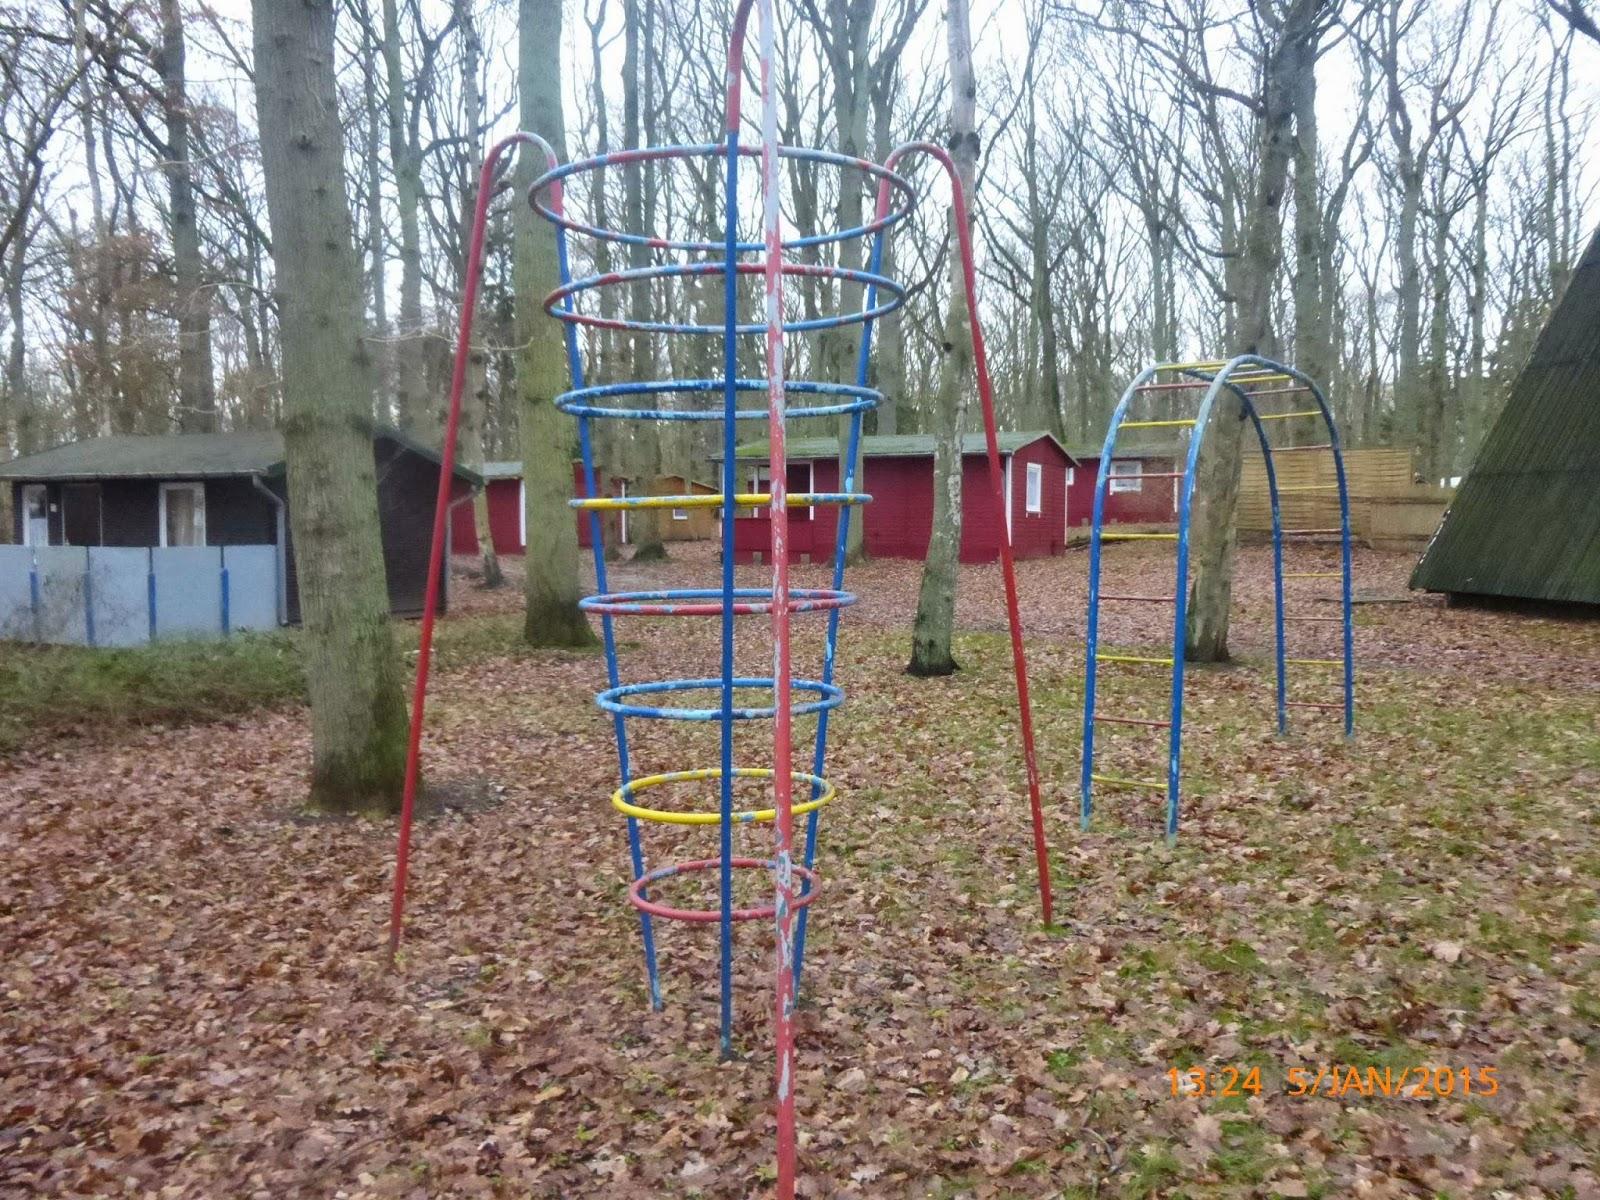 Klettergerüst Bilder : Datei klettergerüst spielplatz mauerpark berlin g u wikipedia